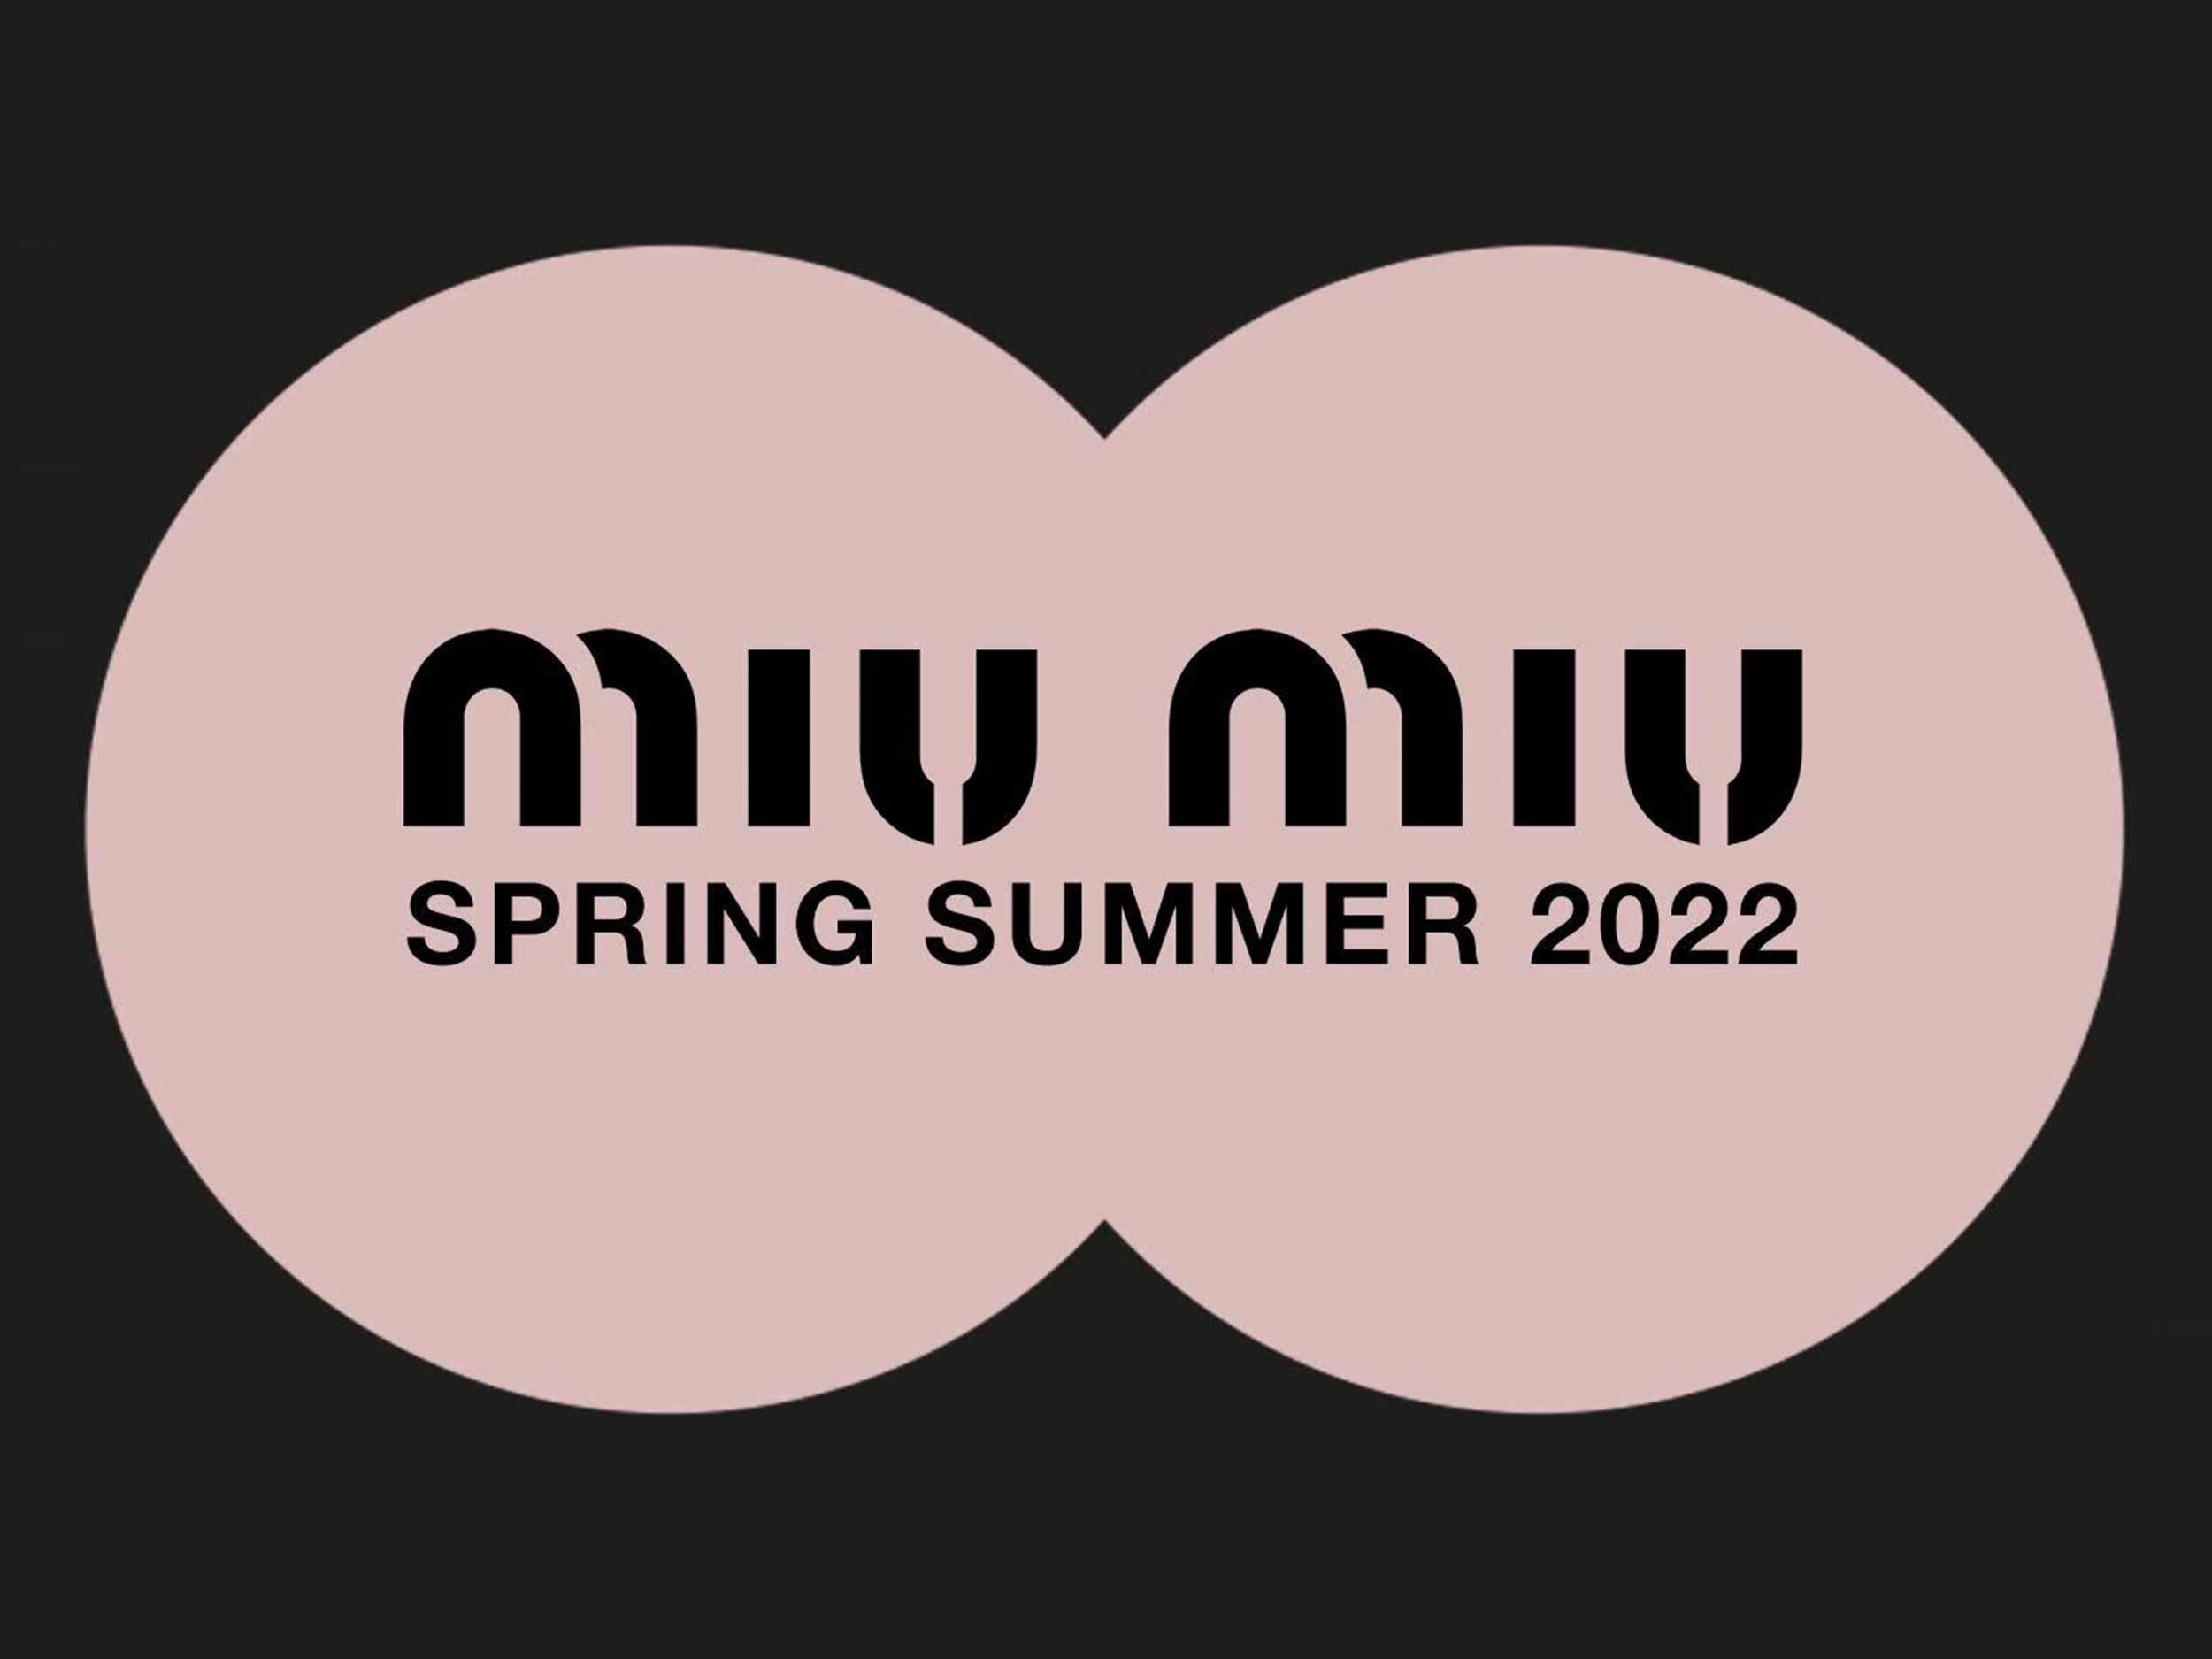 Livestream the Miu Miu Spring/Summer 2022 show here